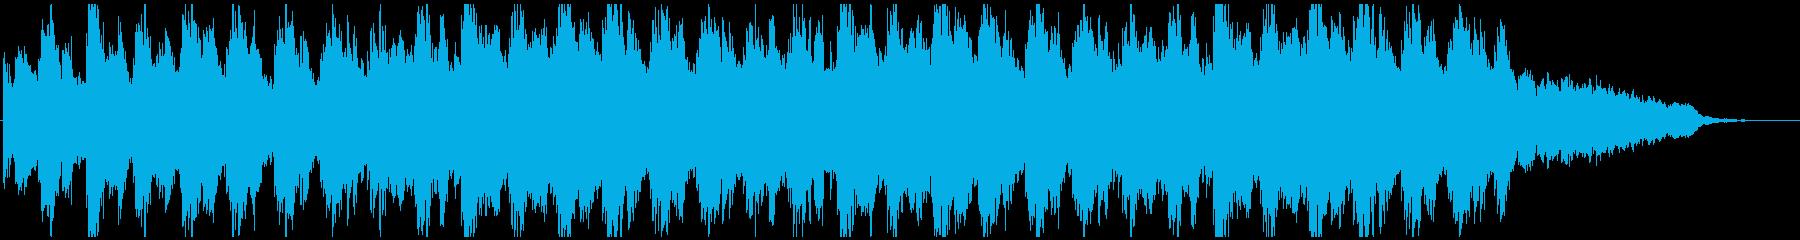 夜明け夕暮れ映像系ピアノアンビエント壮大の再生済みの波形